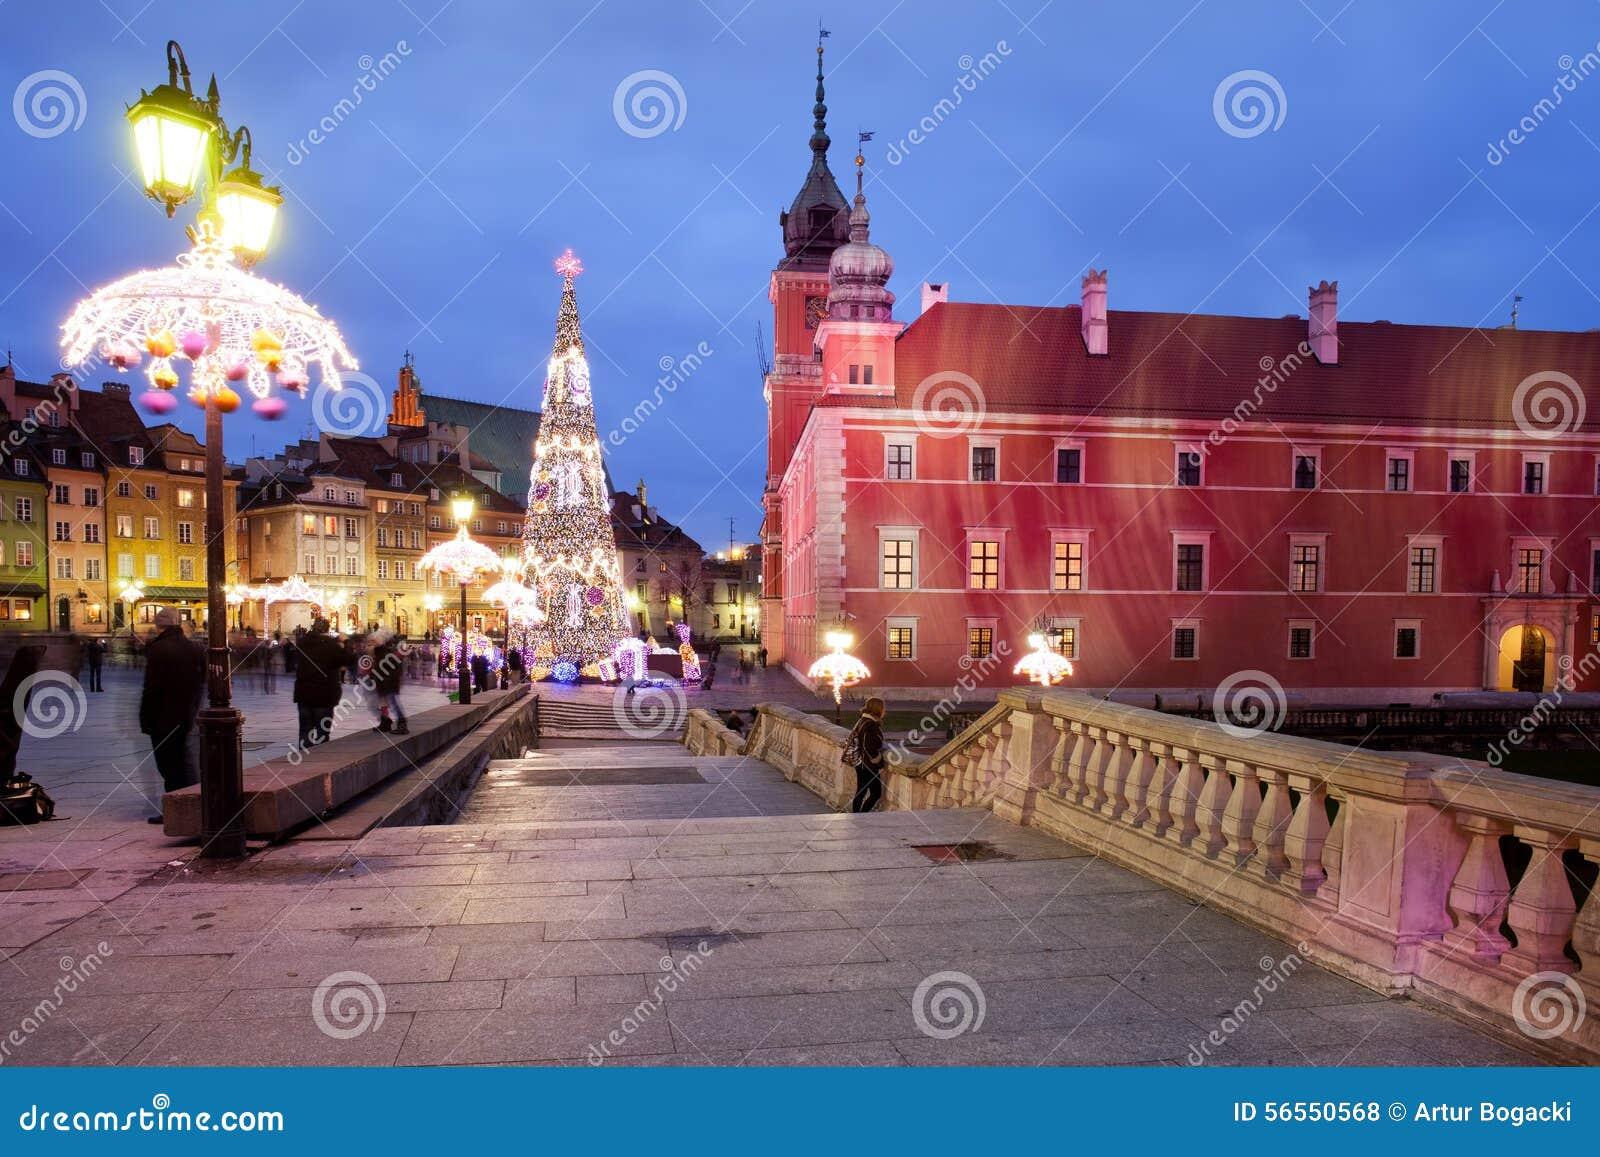 Download Το βασιλικό Castle τή νύχτα στην παλαιά πόλη της Βαρσοβίας Εκδοτική Στοκ Εικόνες - εικόνα από πολωνία, σπίτι: 56550568